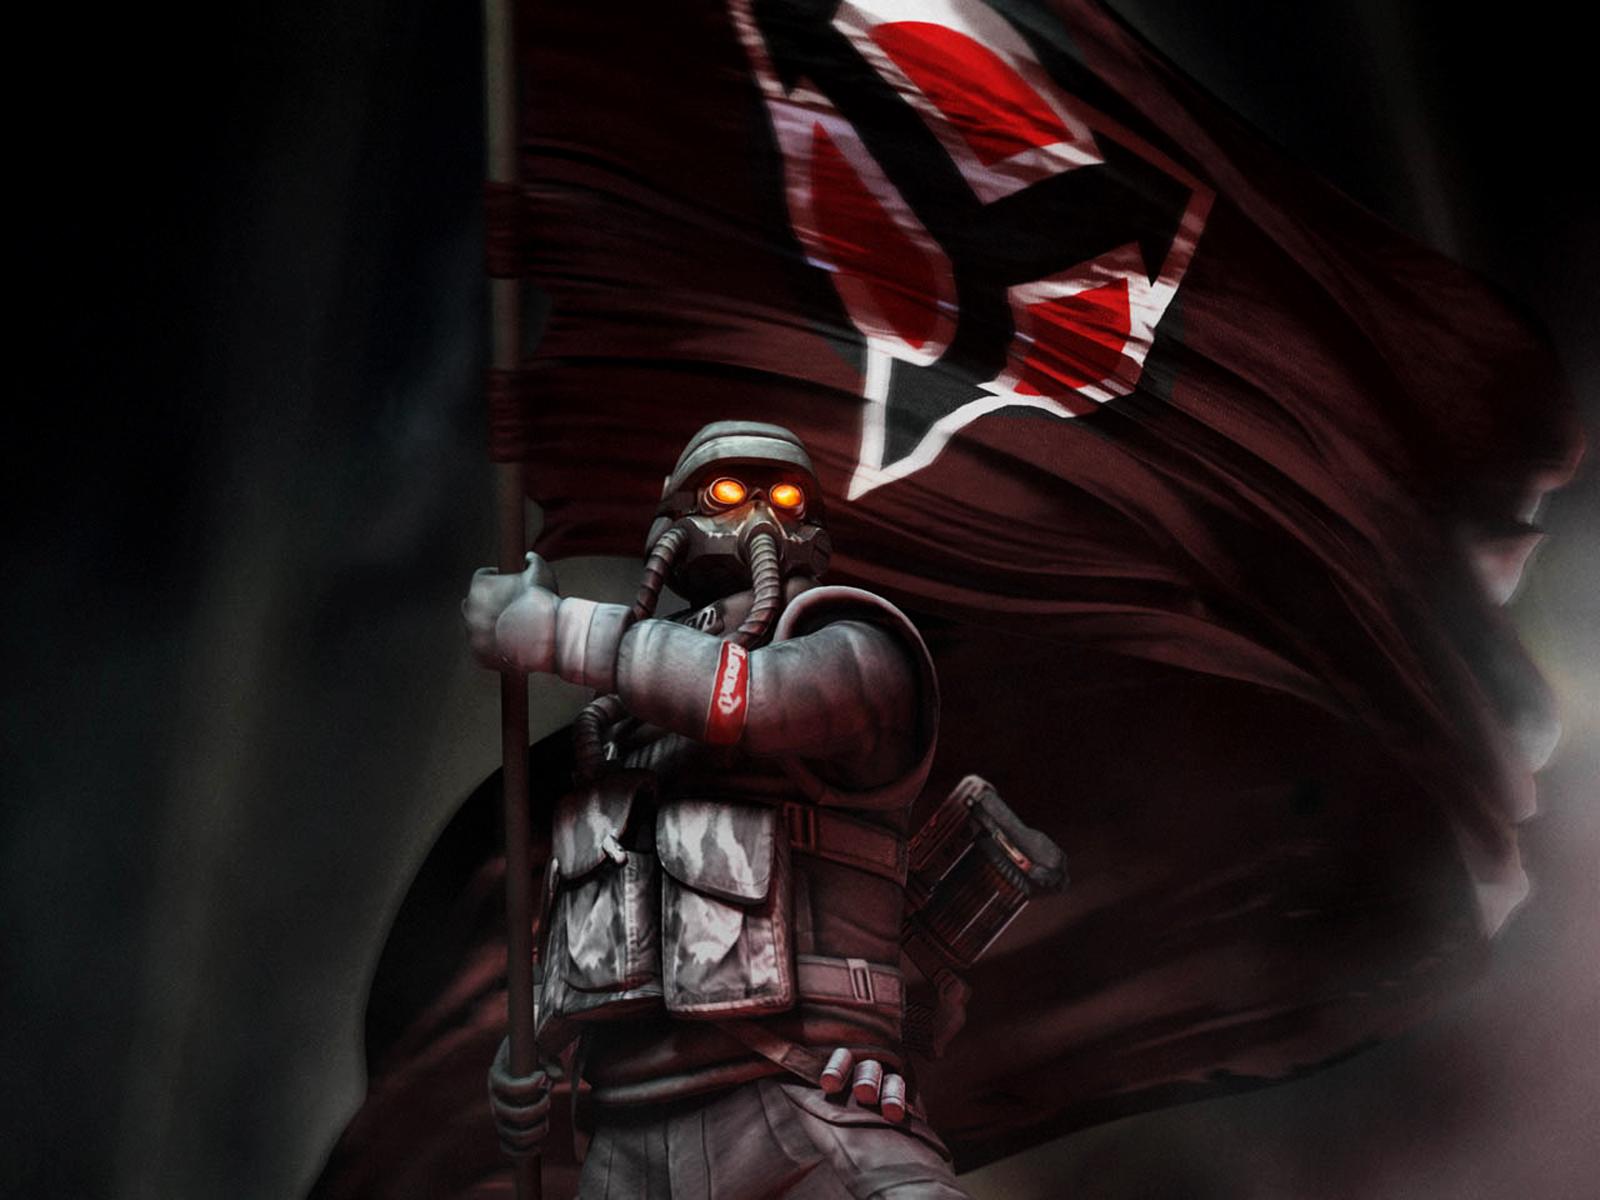 http://1.bp.blogspot.com/-lG37dQ2SYfU/T2TjcZop0lI/AAAAAAAAA4E/XXwknDroBOs/s1600/Killzone_Helghast_Flag_HD_Wallpaper-gWb.jpg